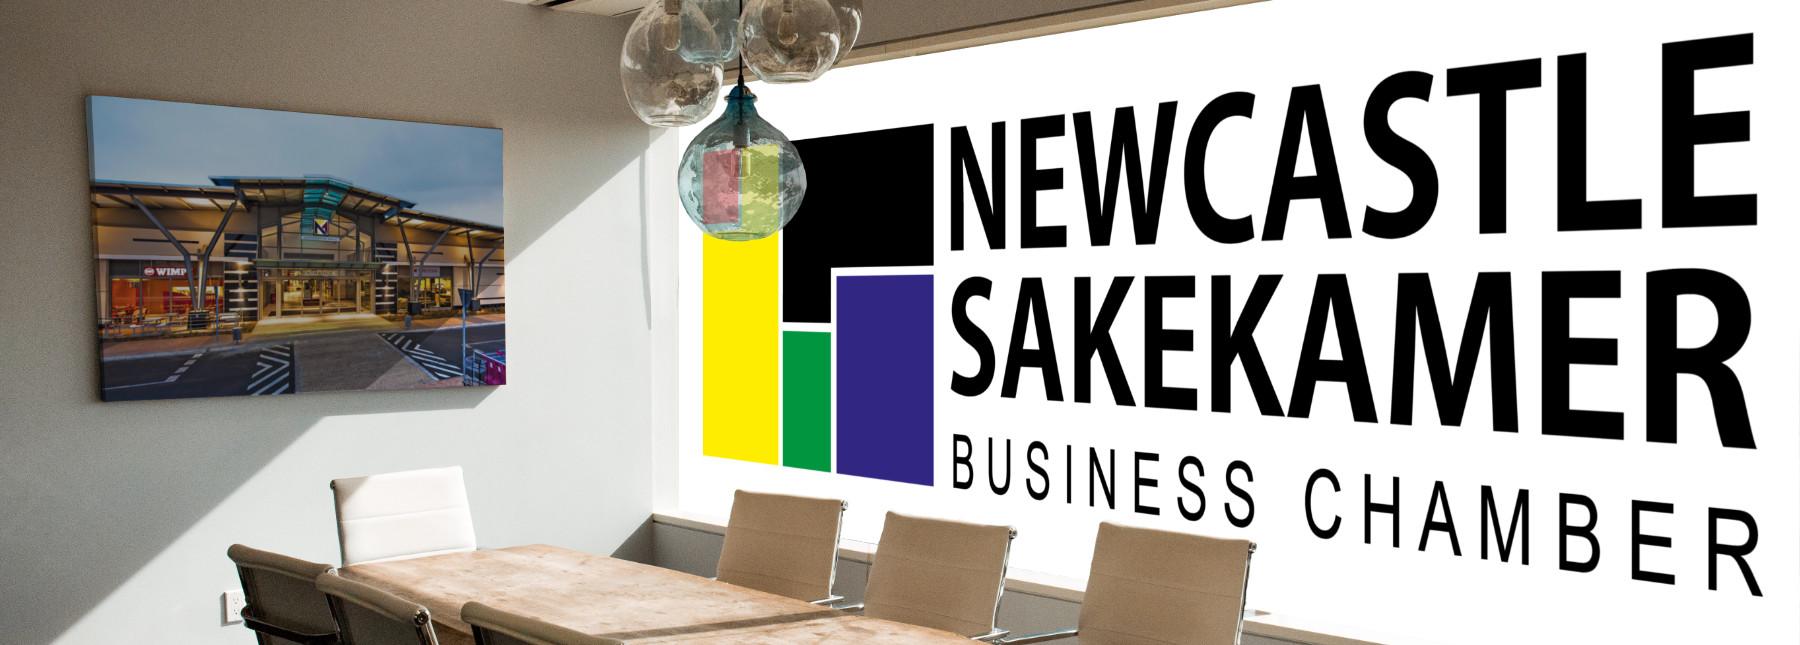 Newcastle Sakekamer